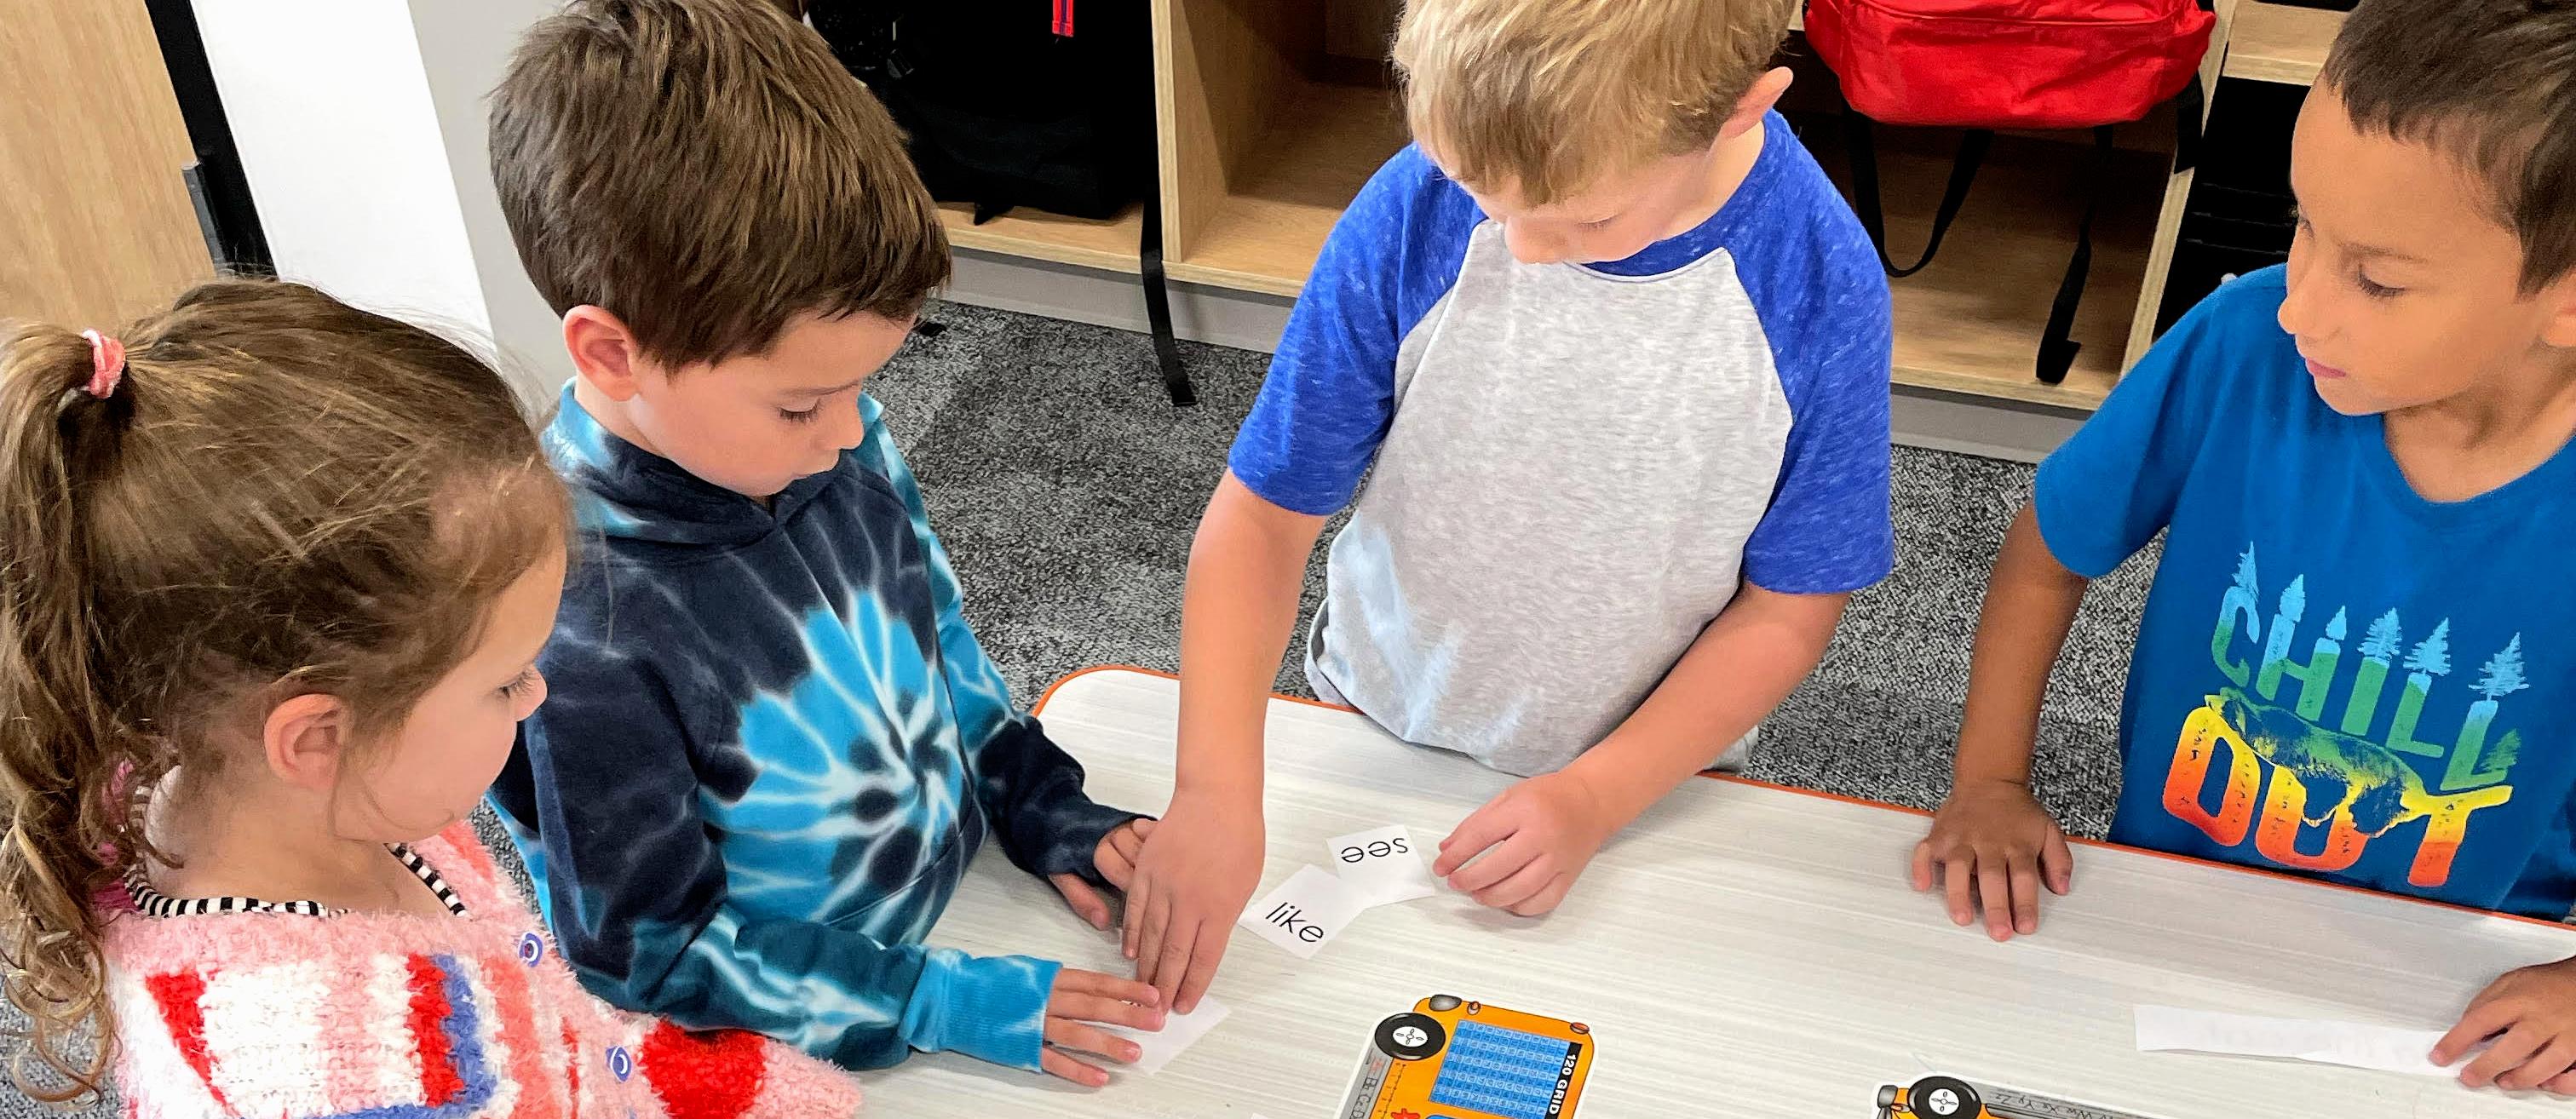 Students build sentences